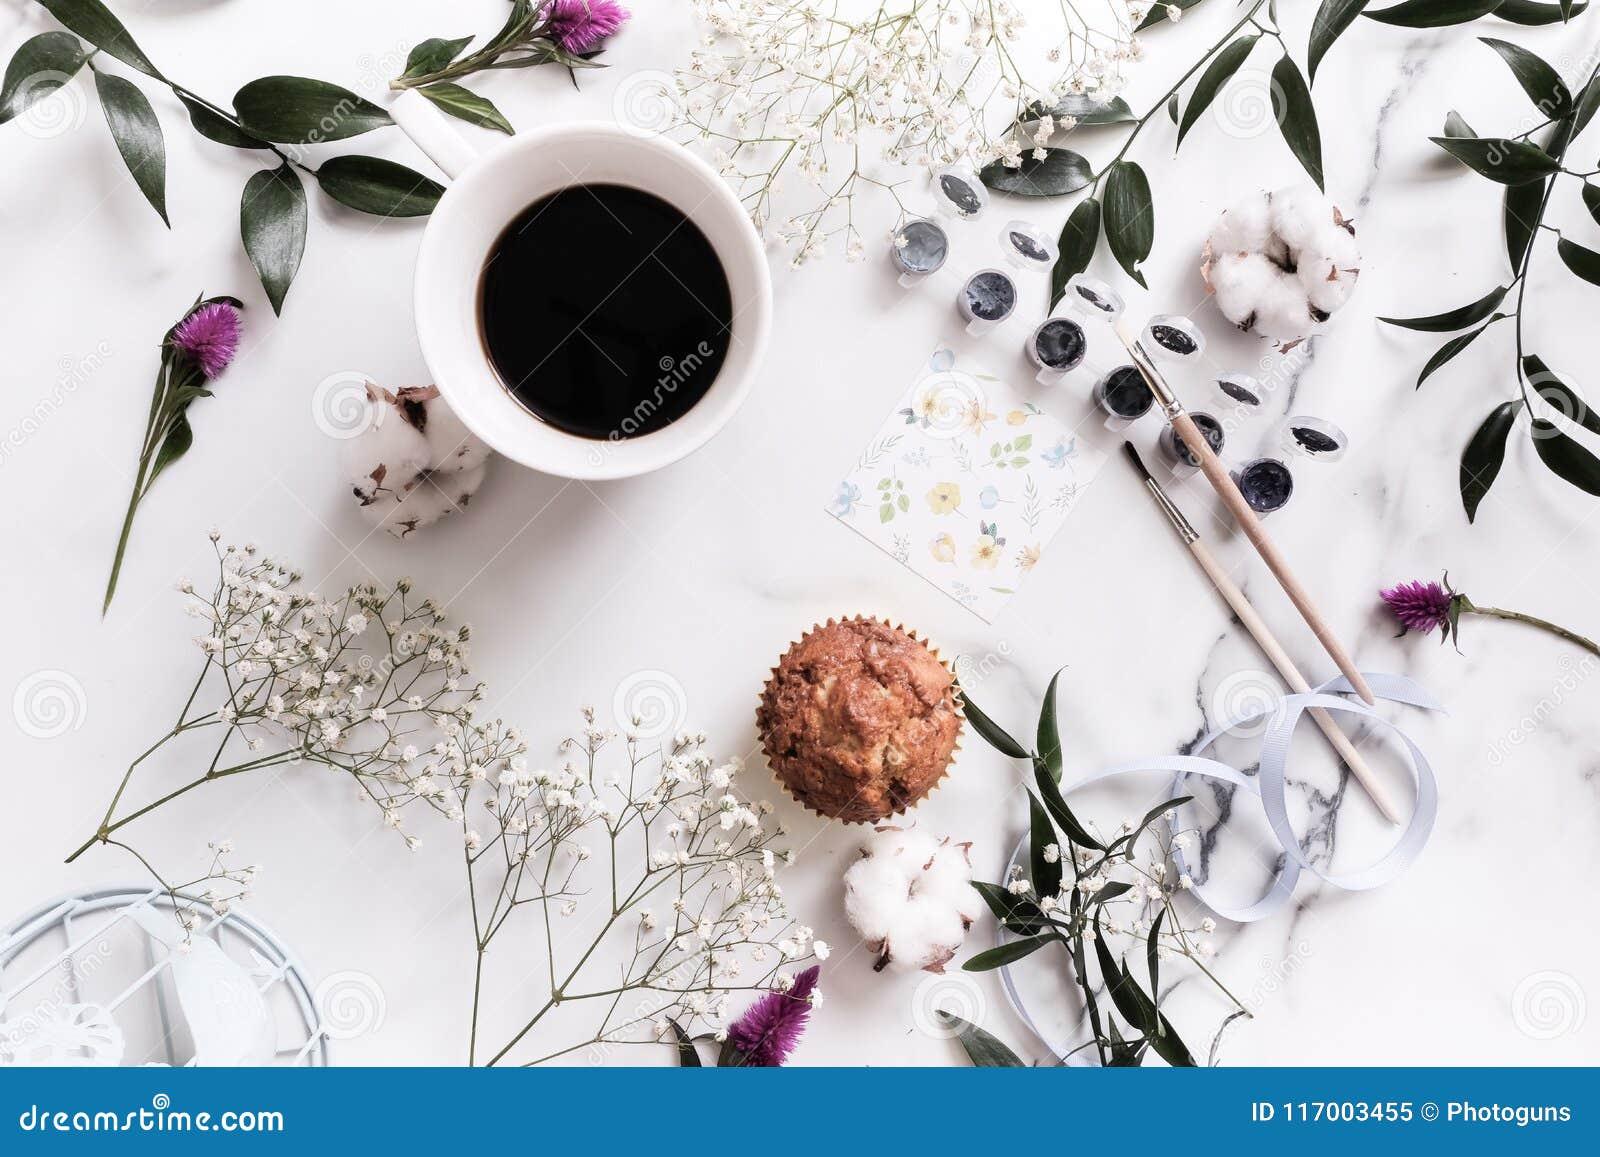 Elegante Zusammensetzung: zarte Blumen, Blätter, Baumwolle, Farben, Watercolour, Bürsten